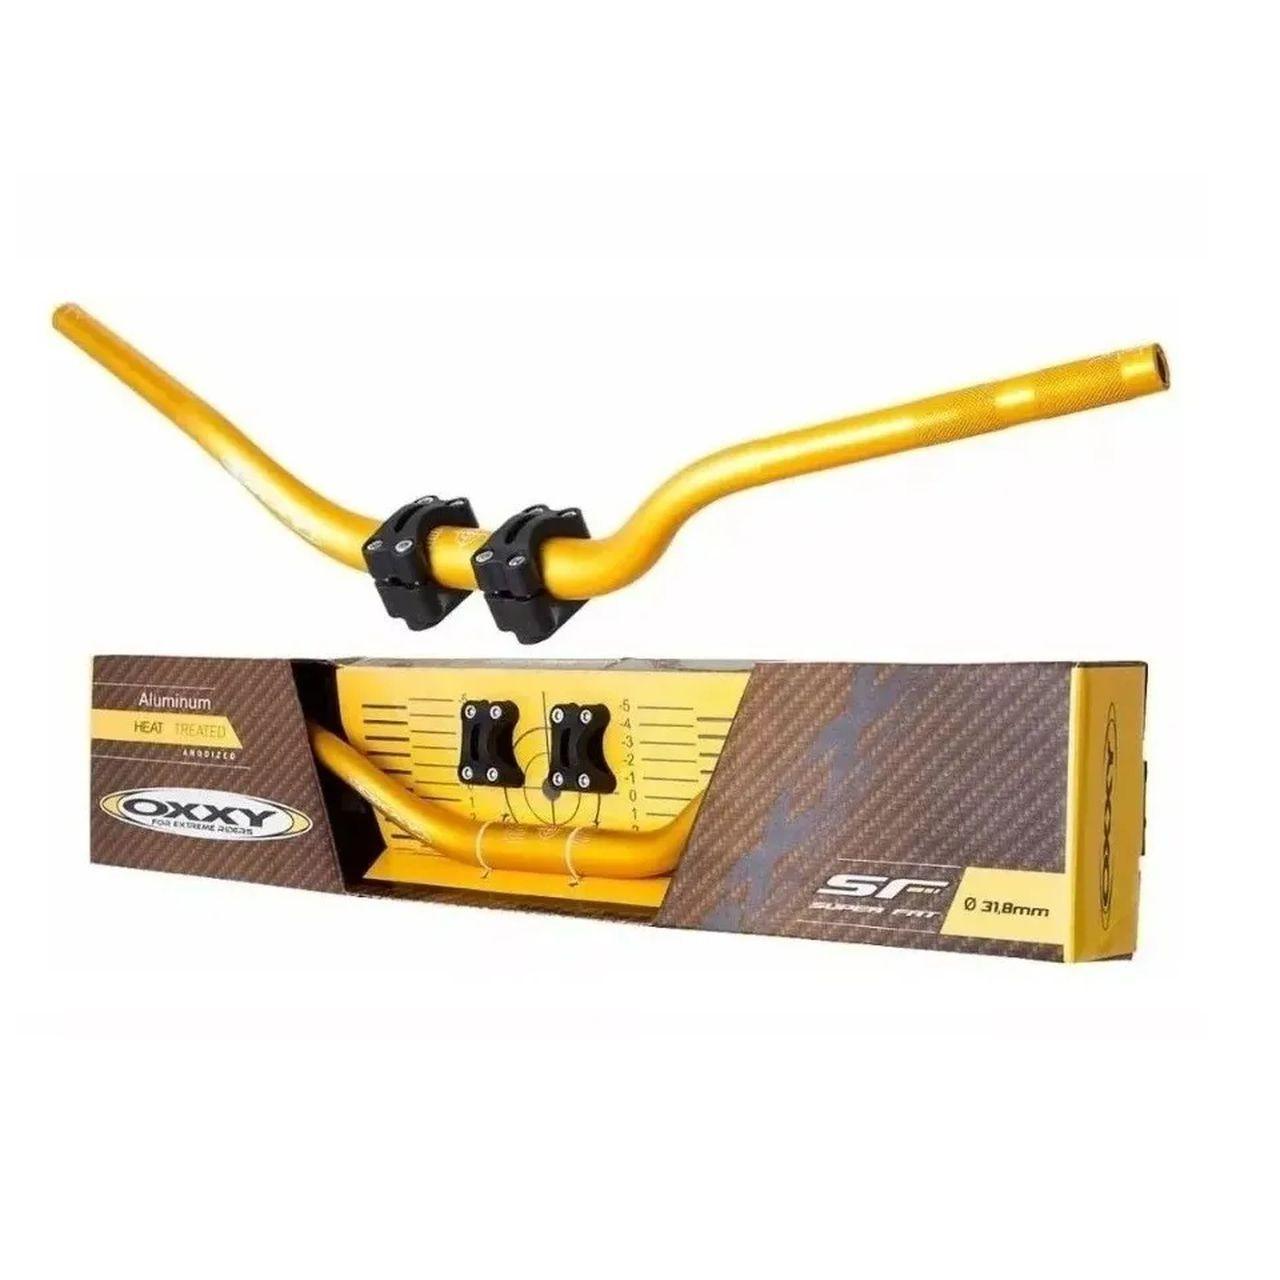 Guidão + Adaptador Oxxy Super Fat Bar - Dourado Baixo